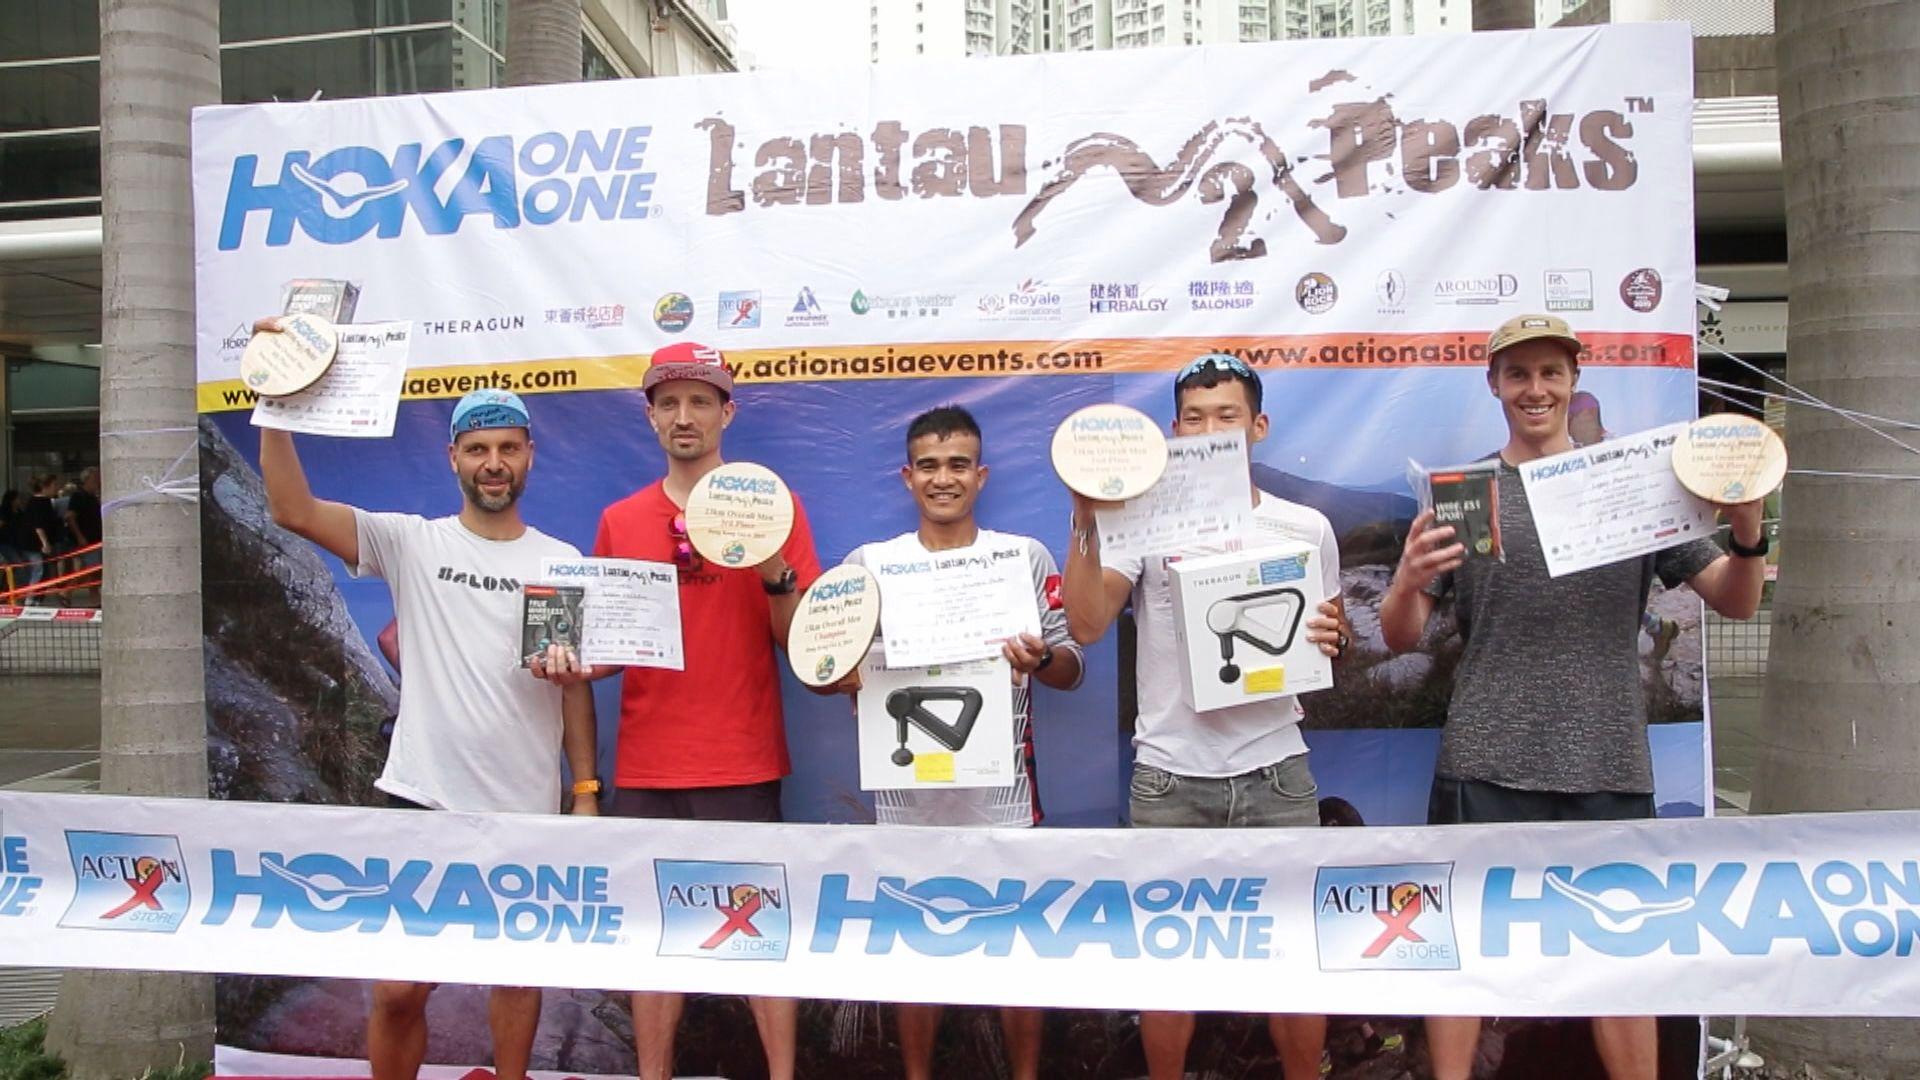 越野跑 菲律賓跑手安尼化奪冠軍